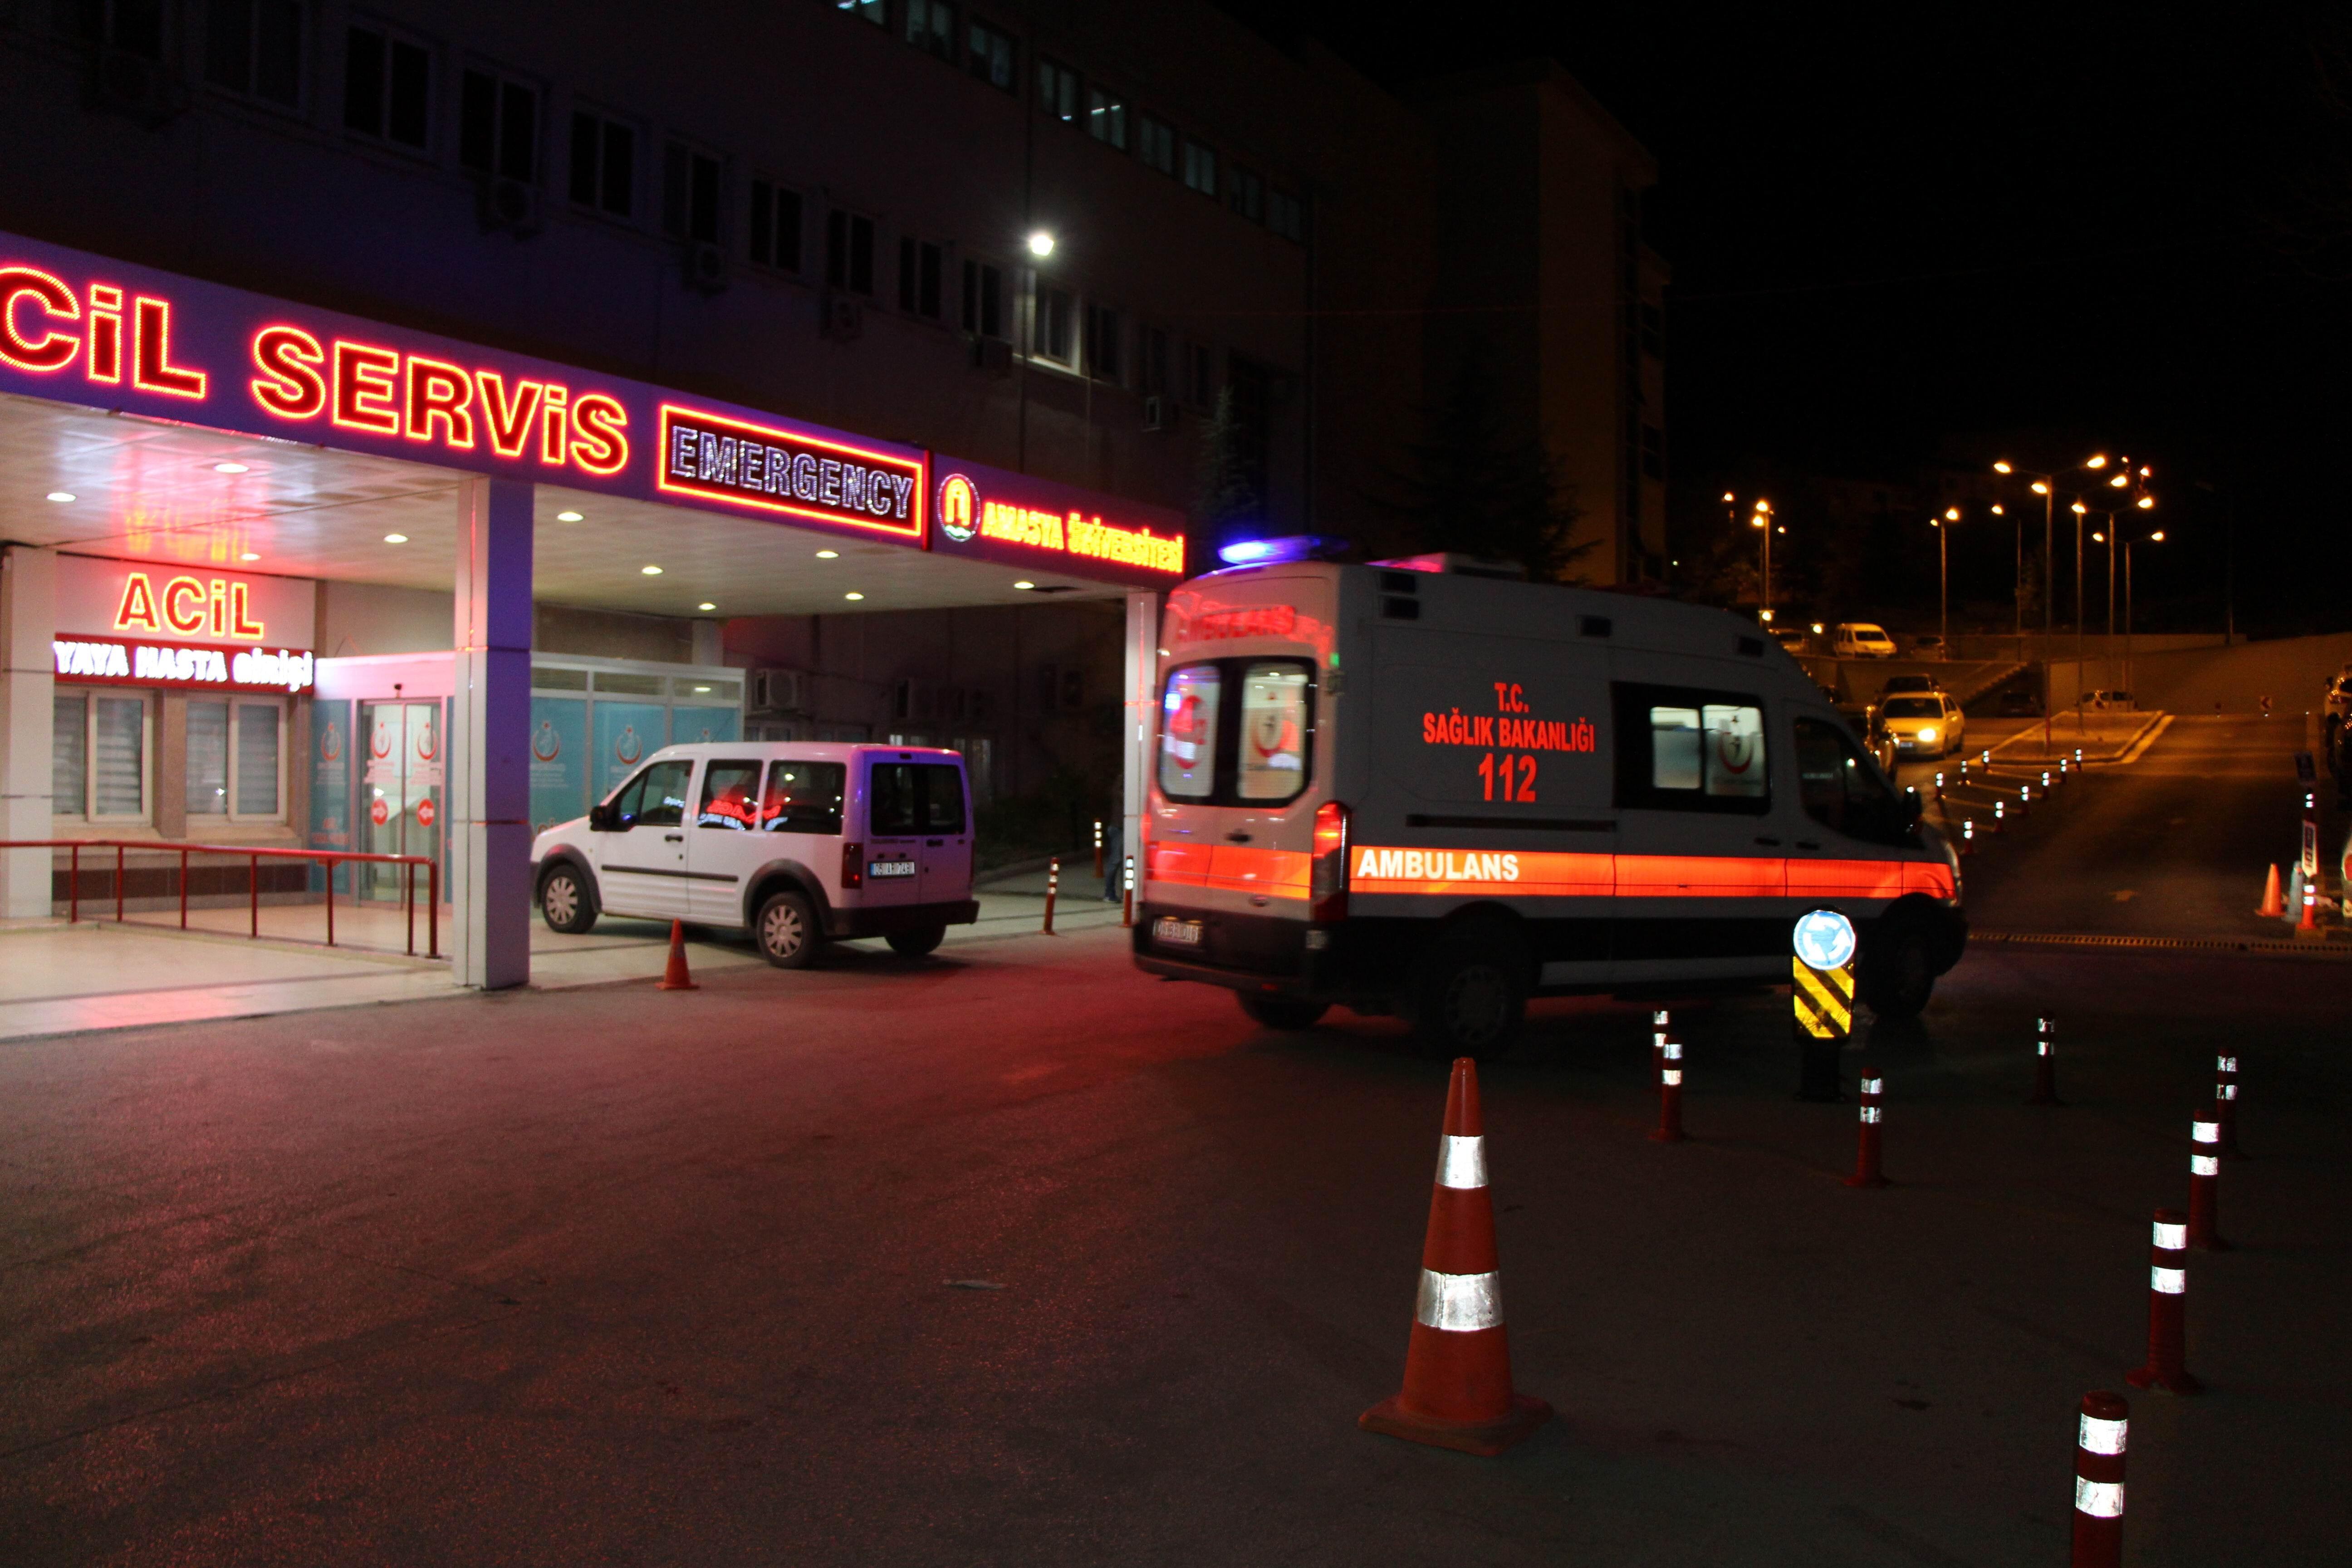 Kuzey Marmara Otoyolunda tır devrildi: 2 kişi feci şekilde can verdi, yakınları sinir krizi geçirdi